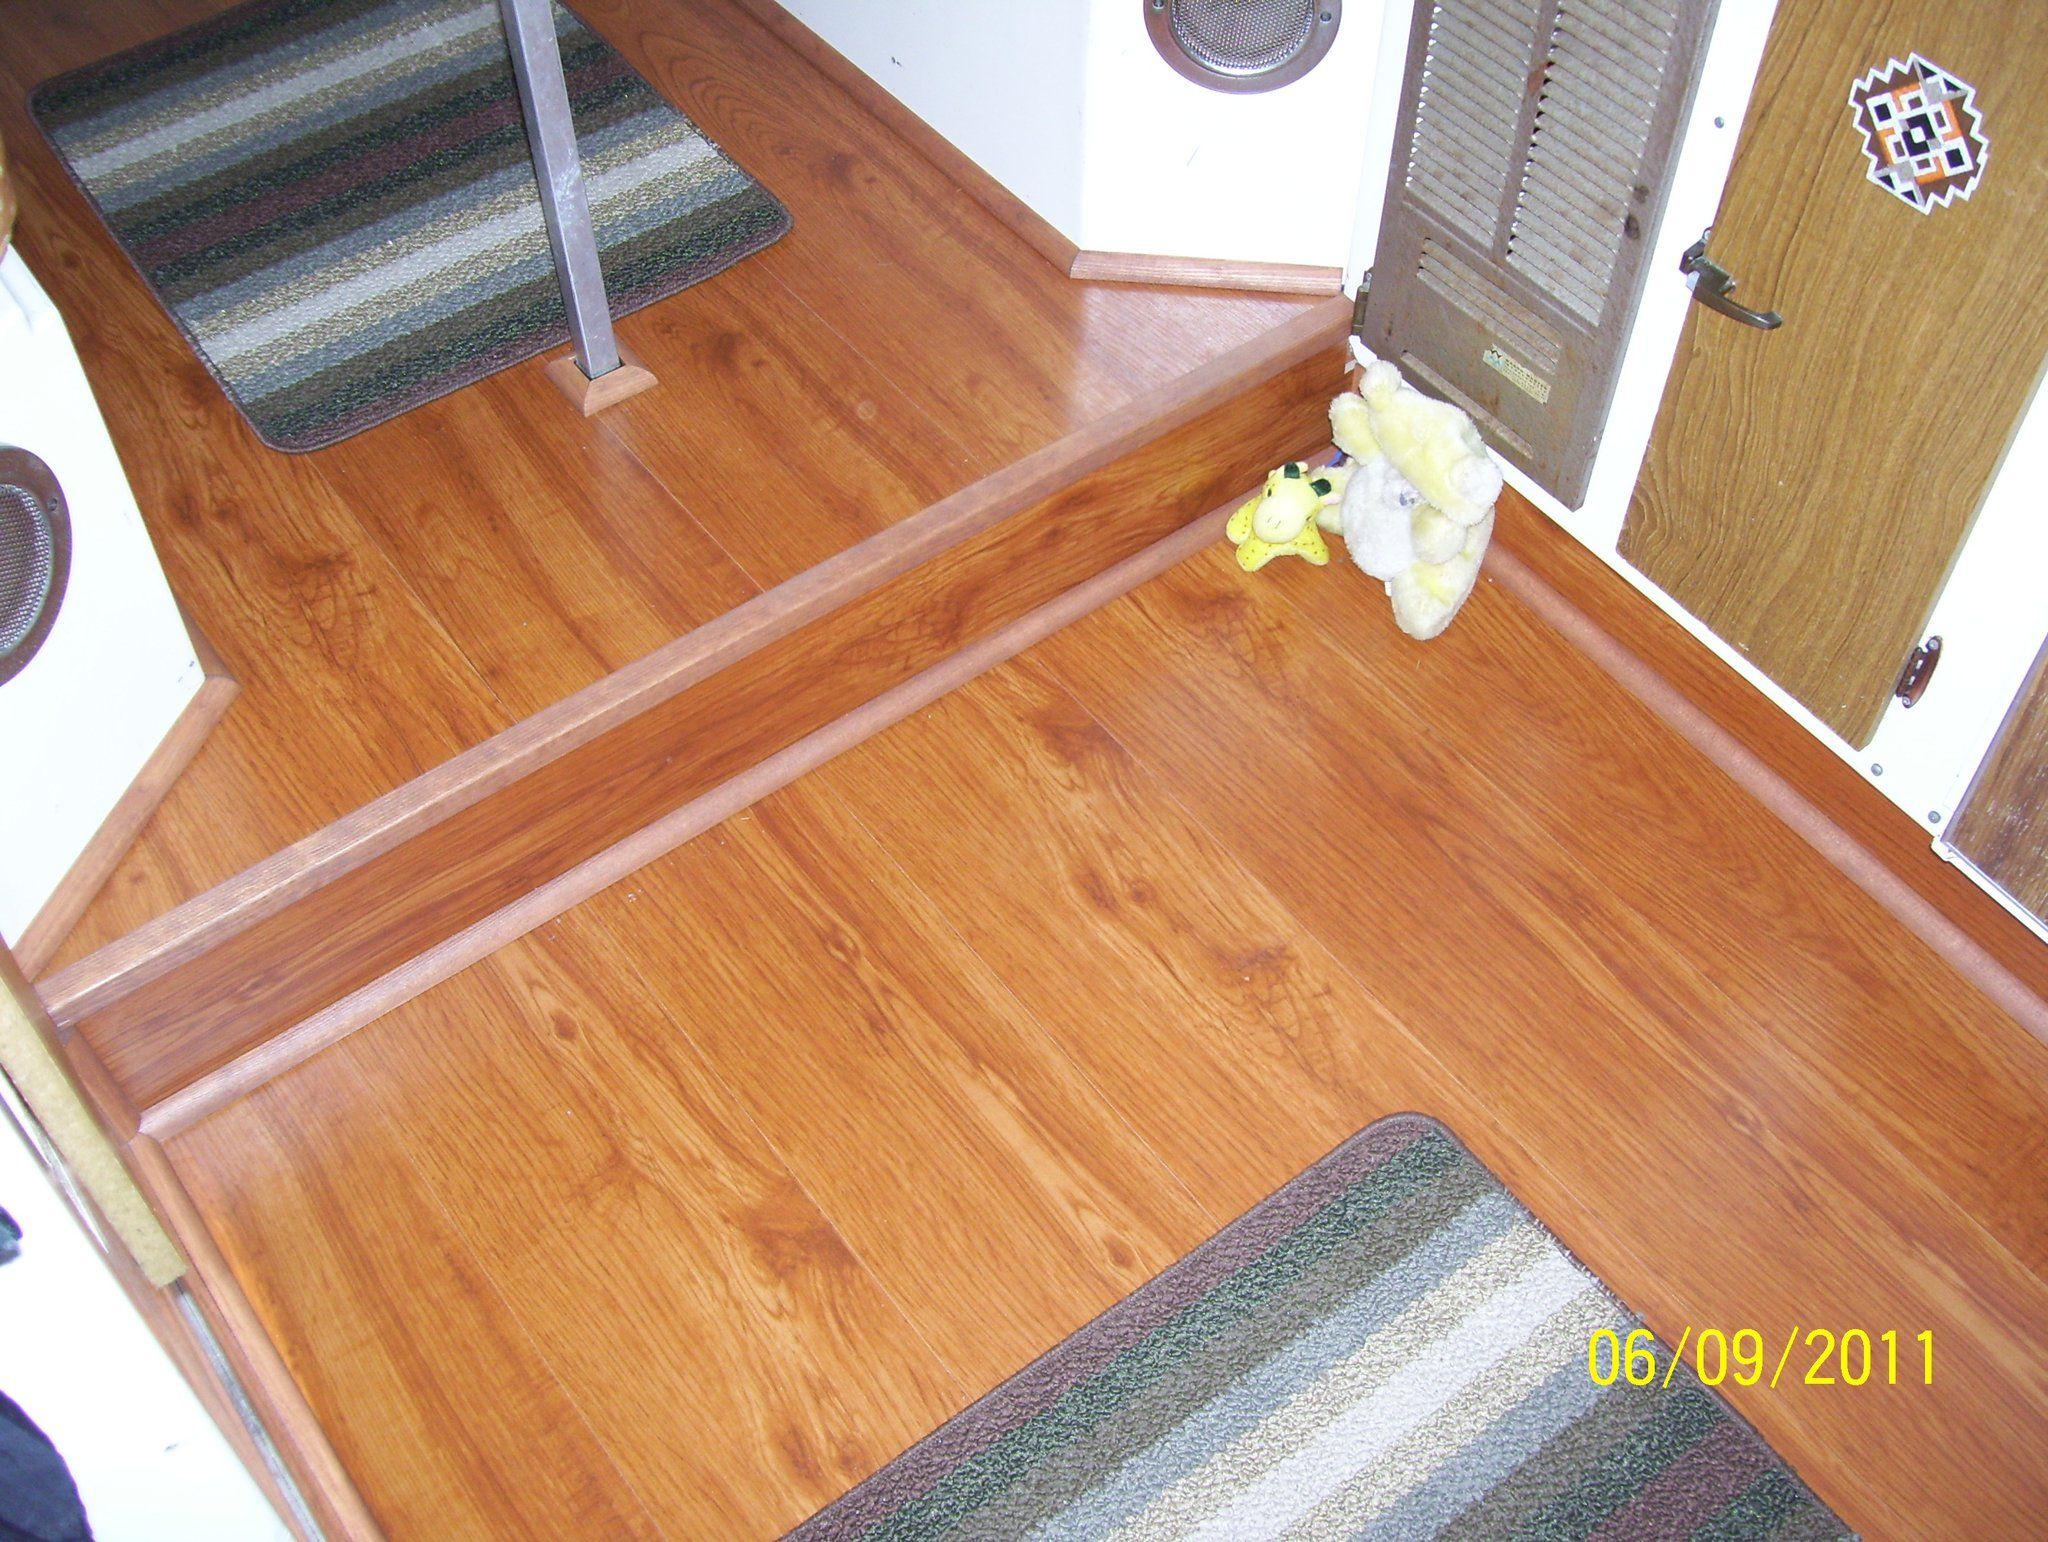 Hardwood floor in boler bolers campers caravans and